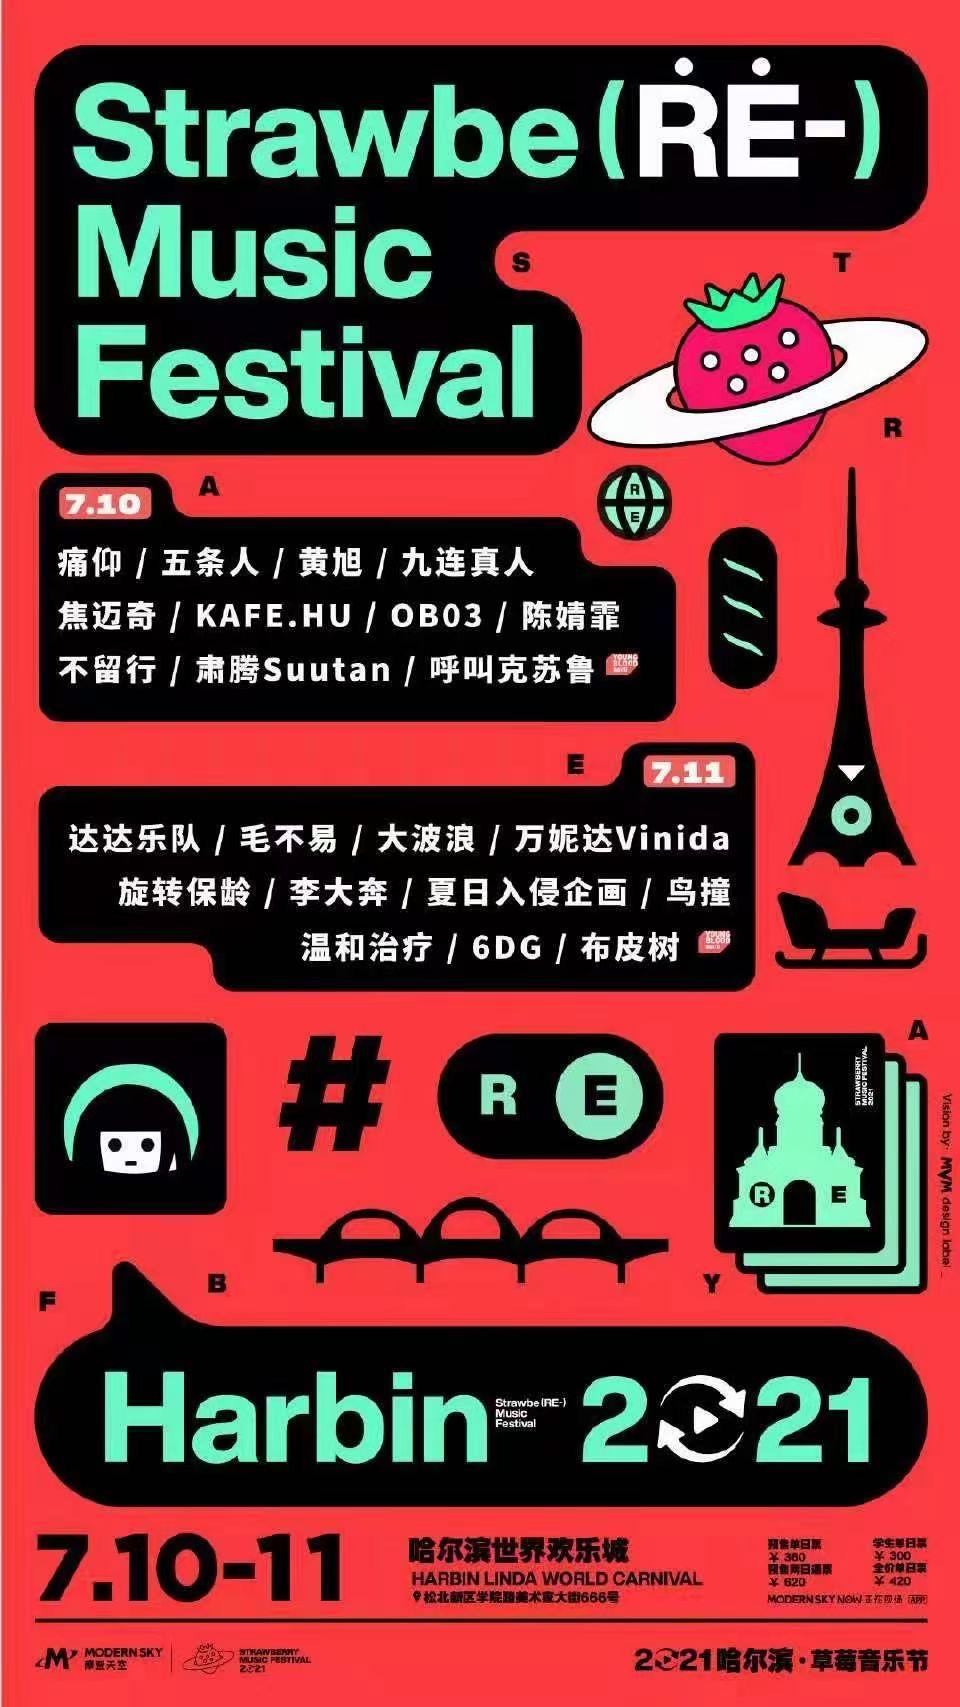 2021哈尔滨草莓音乐节什么时候开始?门票价格多少?